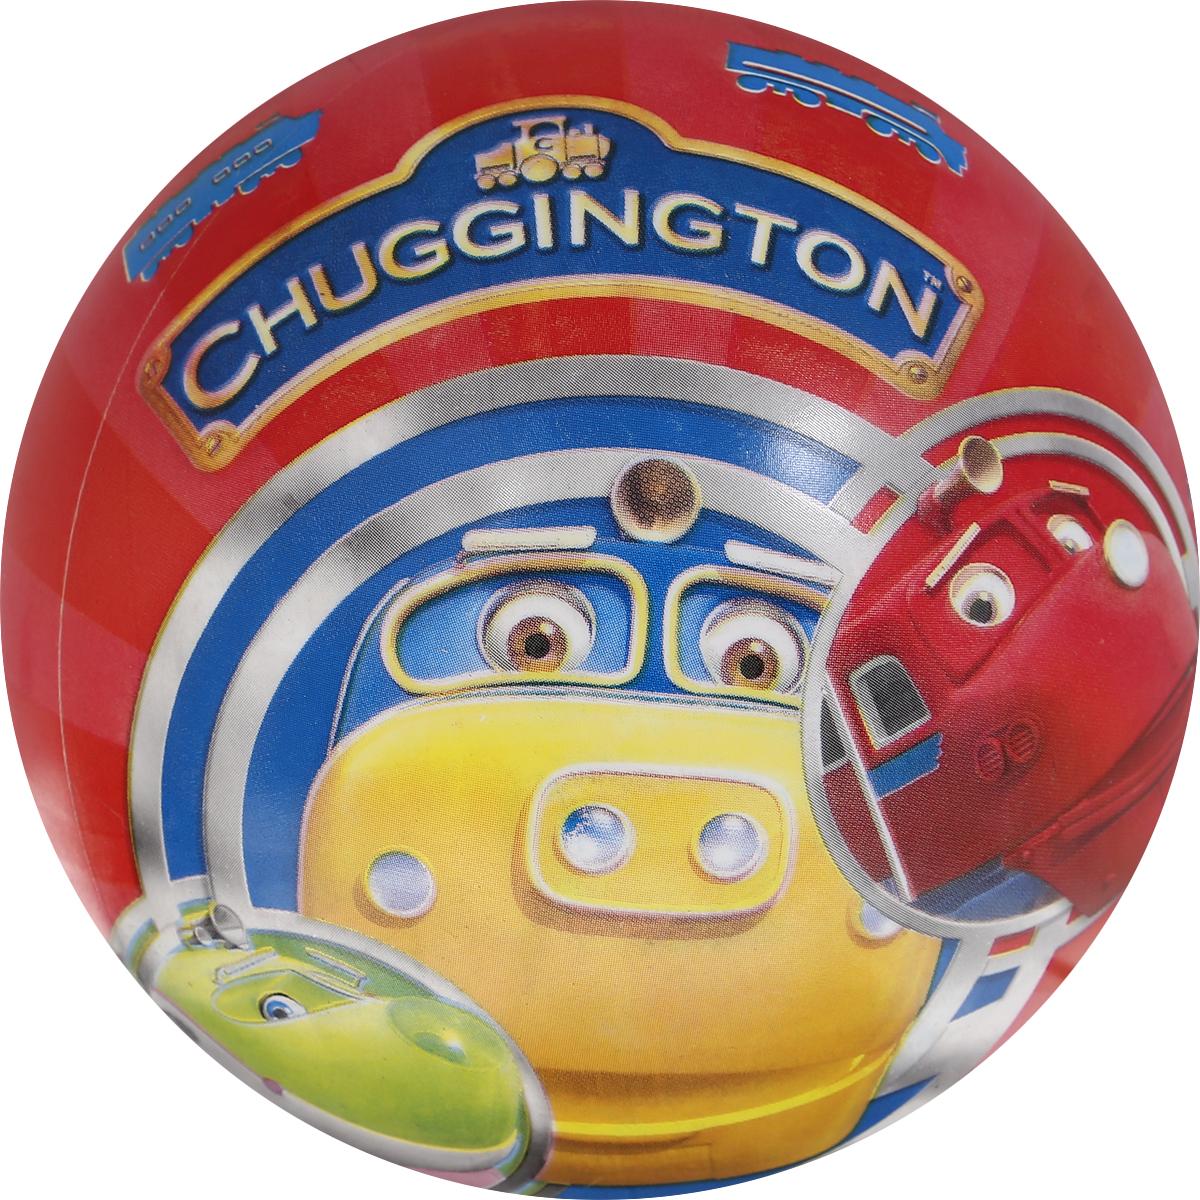 John мяч Чаггингтон, 9 см54190/50190Детский мяч Чаггингтон - яркая игрушка для детей любого возраста. Мяч оформлен красочными изображениями знаменитых веселых паровозиков из Чаггингтона. Яркий компактный мяч Чаггингтон станет незаменимым спутником для всех любителей подвижных игр и активного отдыха. Игра в мяч развивает координацию движений, способствует физическому развитию ребенка. Характеристики: Диаметр мяча: 9 см. УВАЖАЕМЫЕ КЛИЕНТЫ! Обращаем ваше внимание на тот факт, что товар поставляется в сдутом виде.